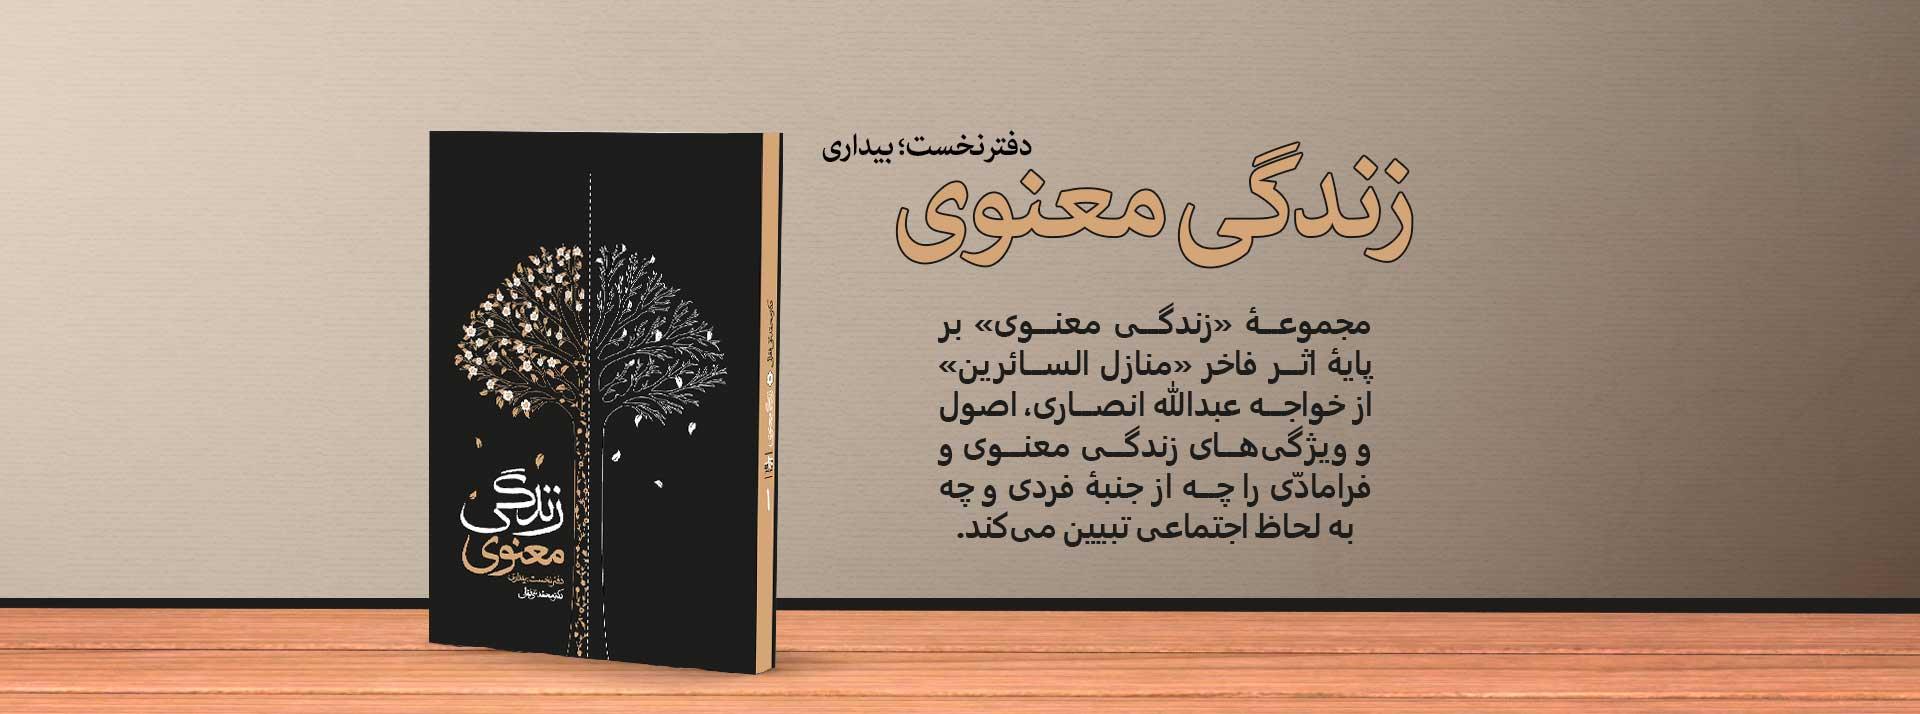 دکتر محمدتقی فعالی: زندگی معنوی دفتر نخست: بیداری